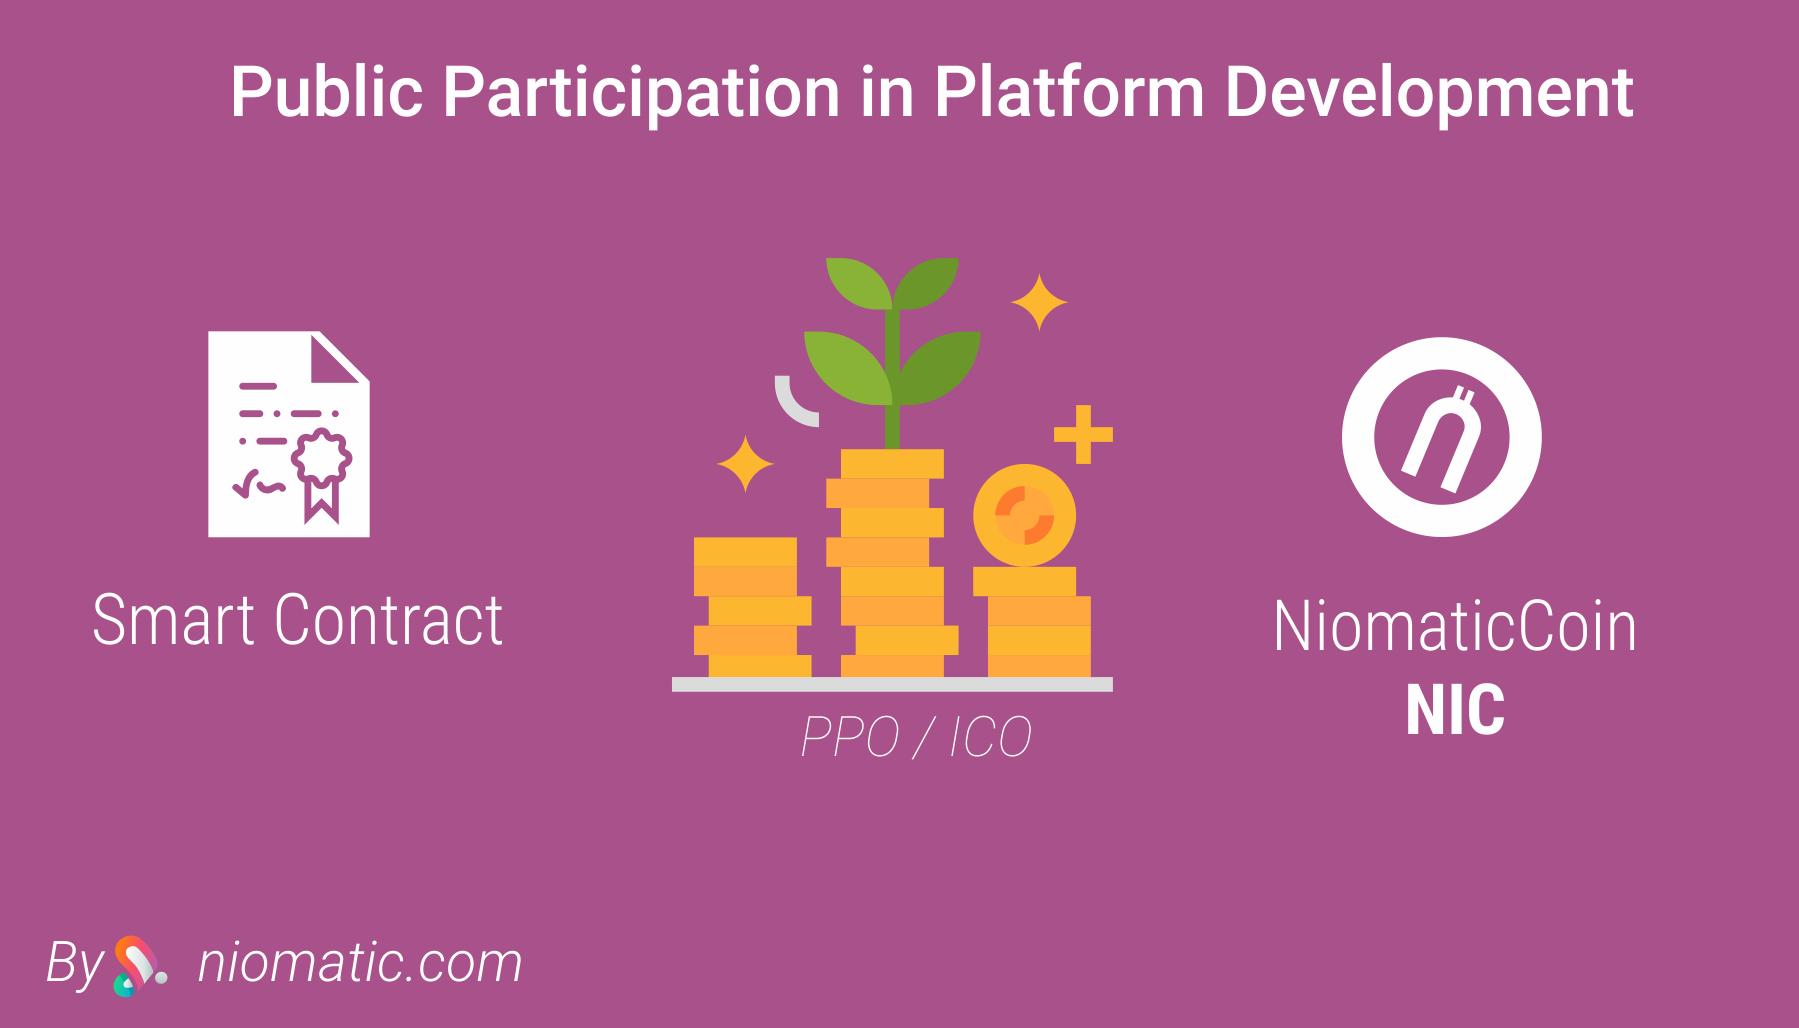 قرارداد هوشمند، ICO، مشارکت در پروژه و راه حلی برای پیدا کردن بهترین برنامه نویس ها و طراح ها.